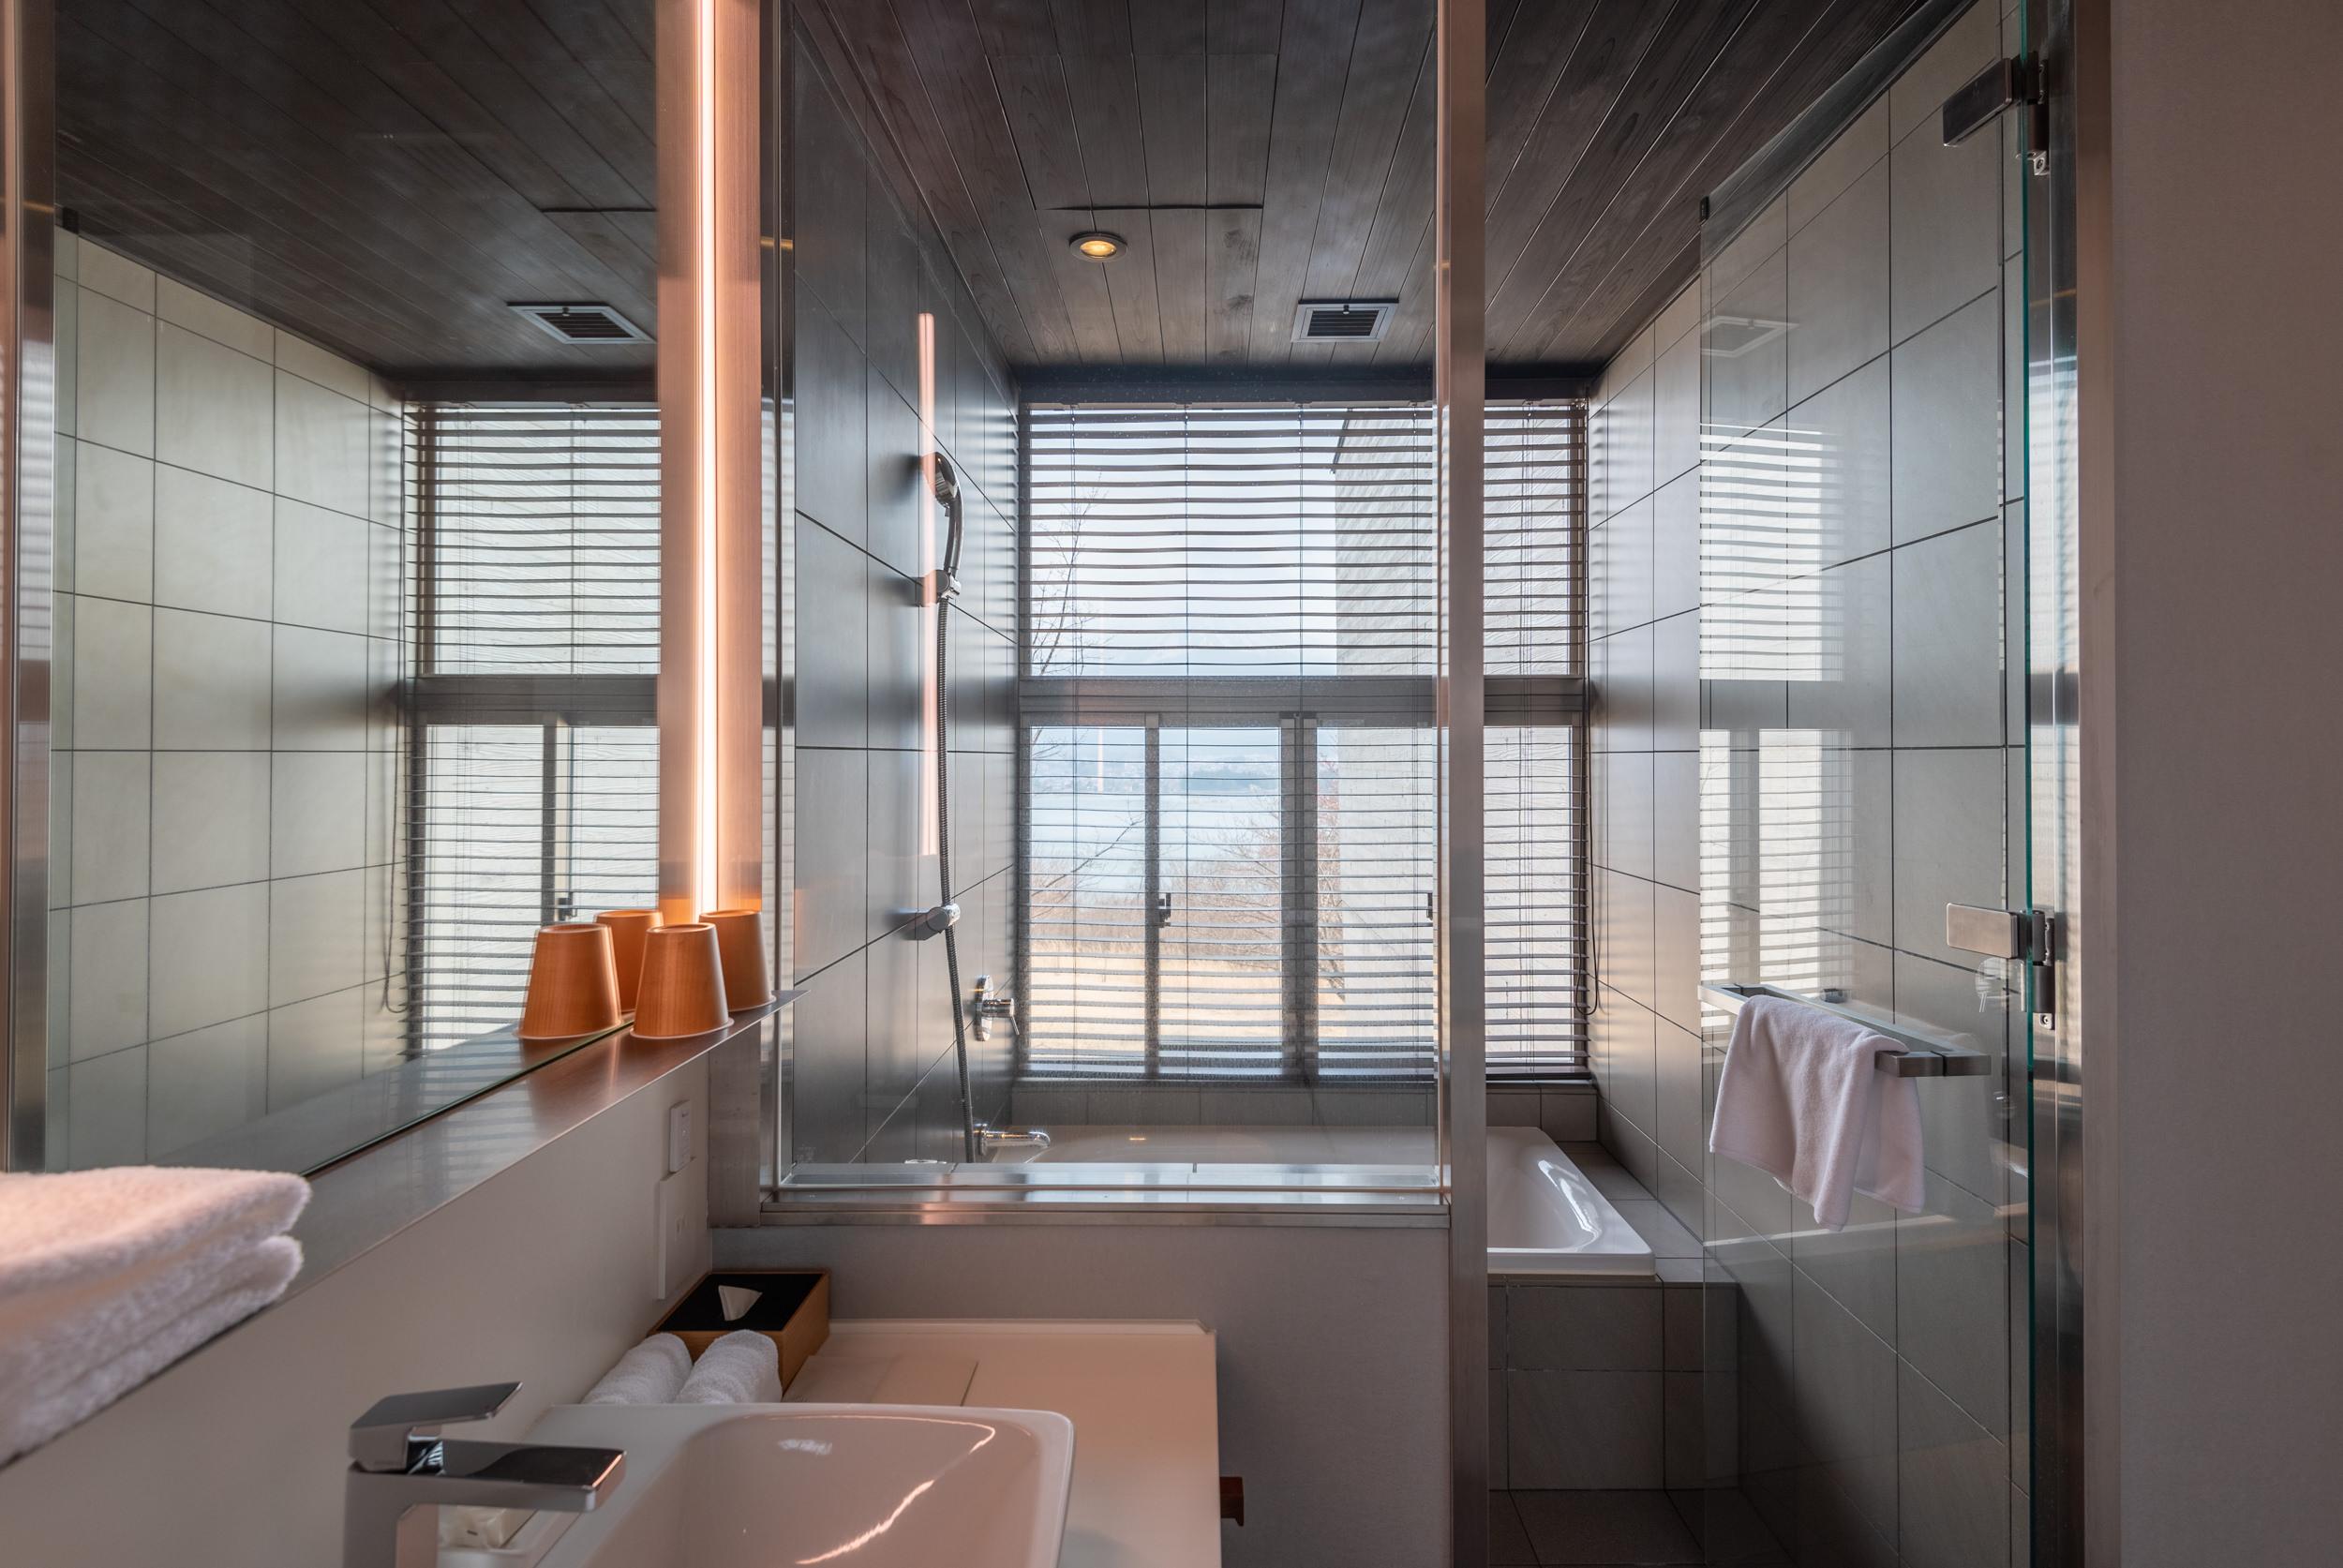 Bathroom with Tub  T Cabin - HOSHINOYA Fuji